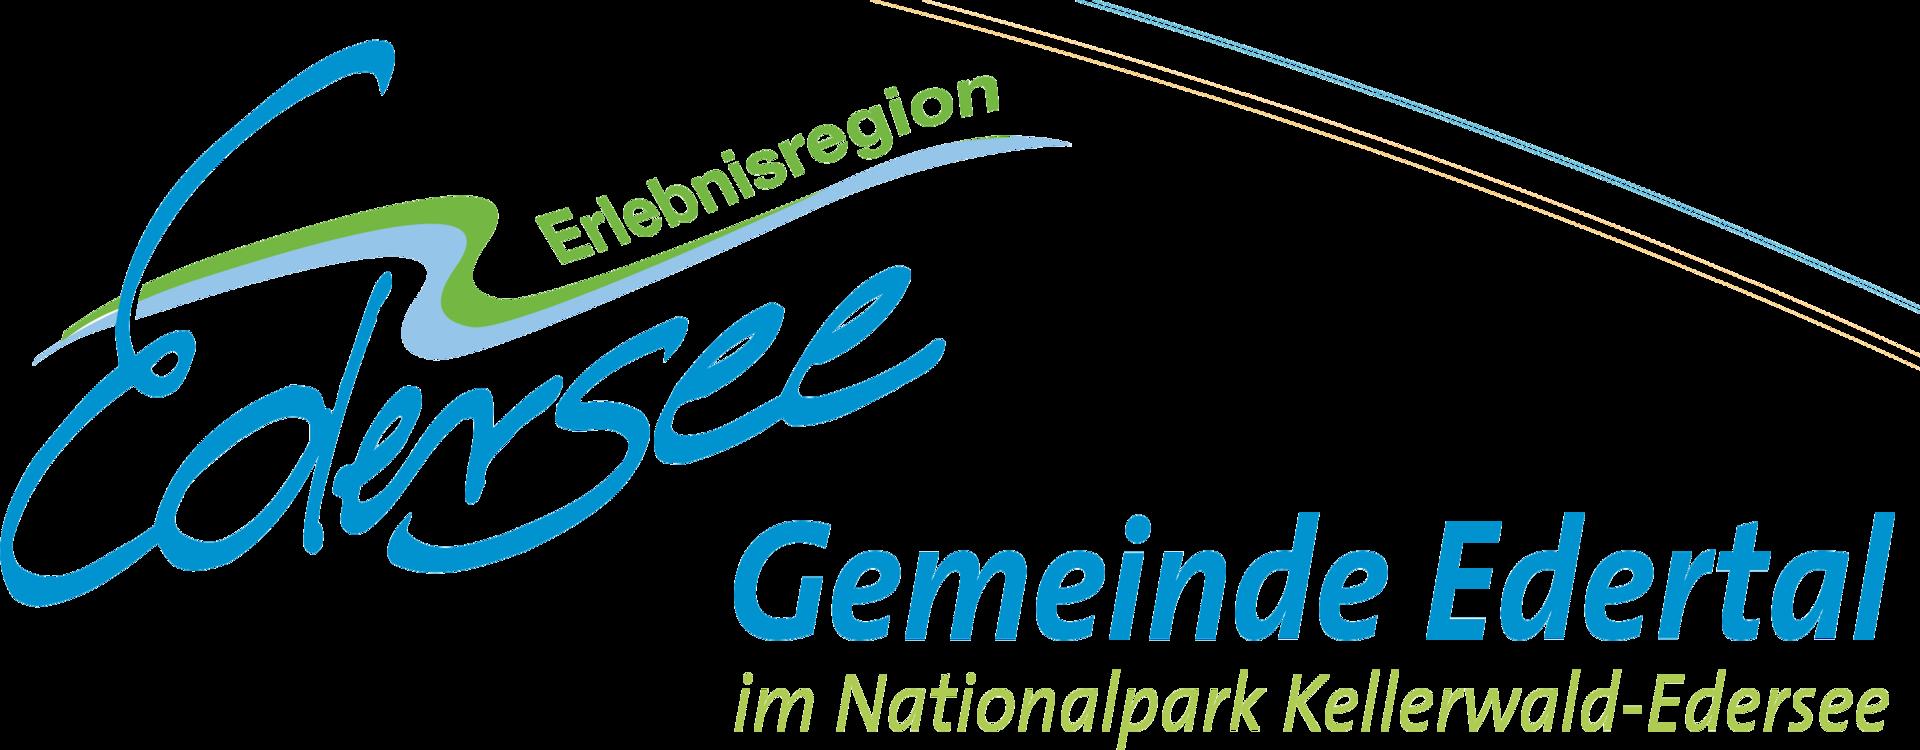 Gemeinde Edertal